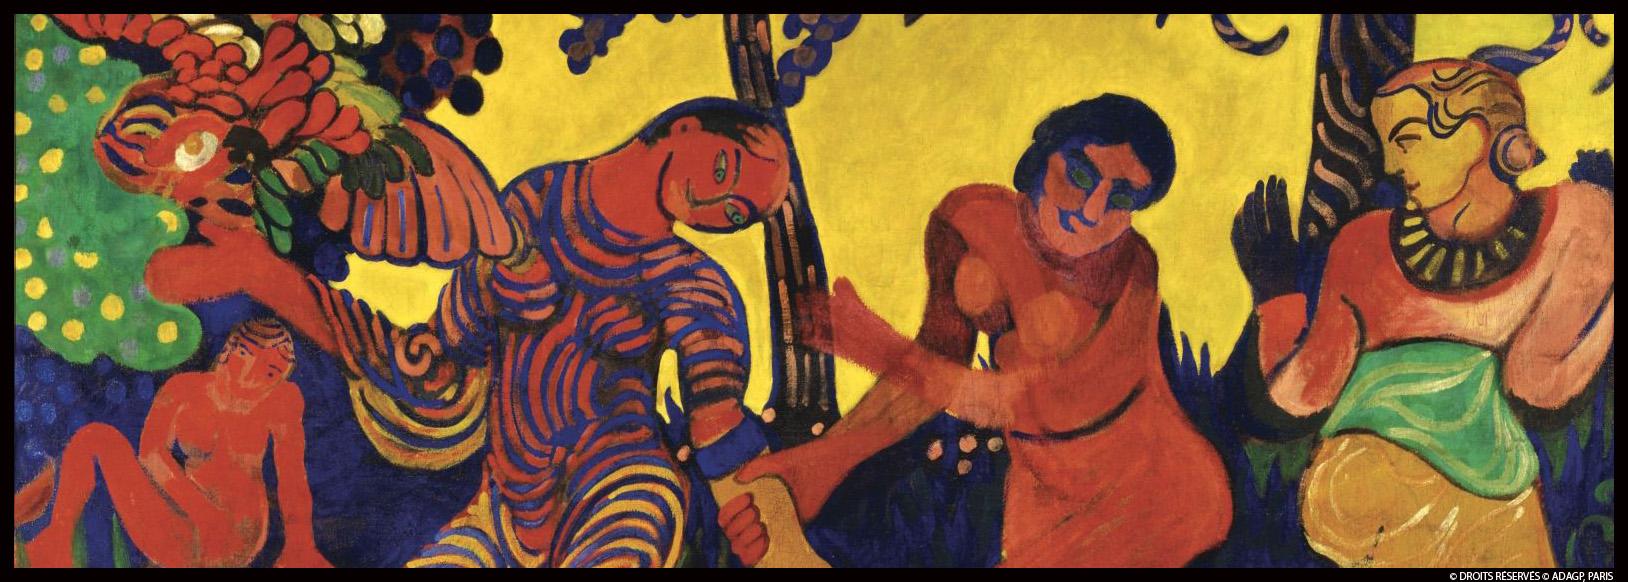 Couv_Derain-la-danse-1906-c© Droits réservés © Adagp - Paris_@loeildoliv